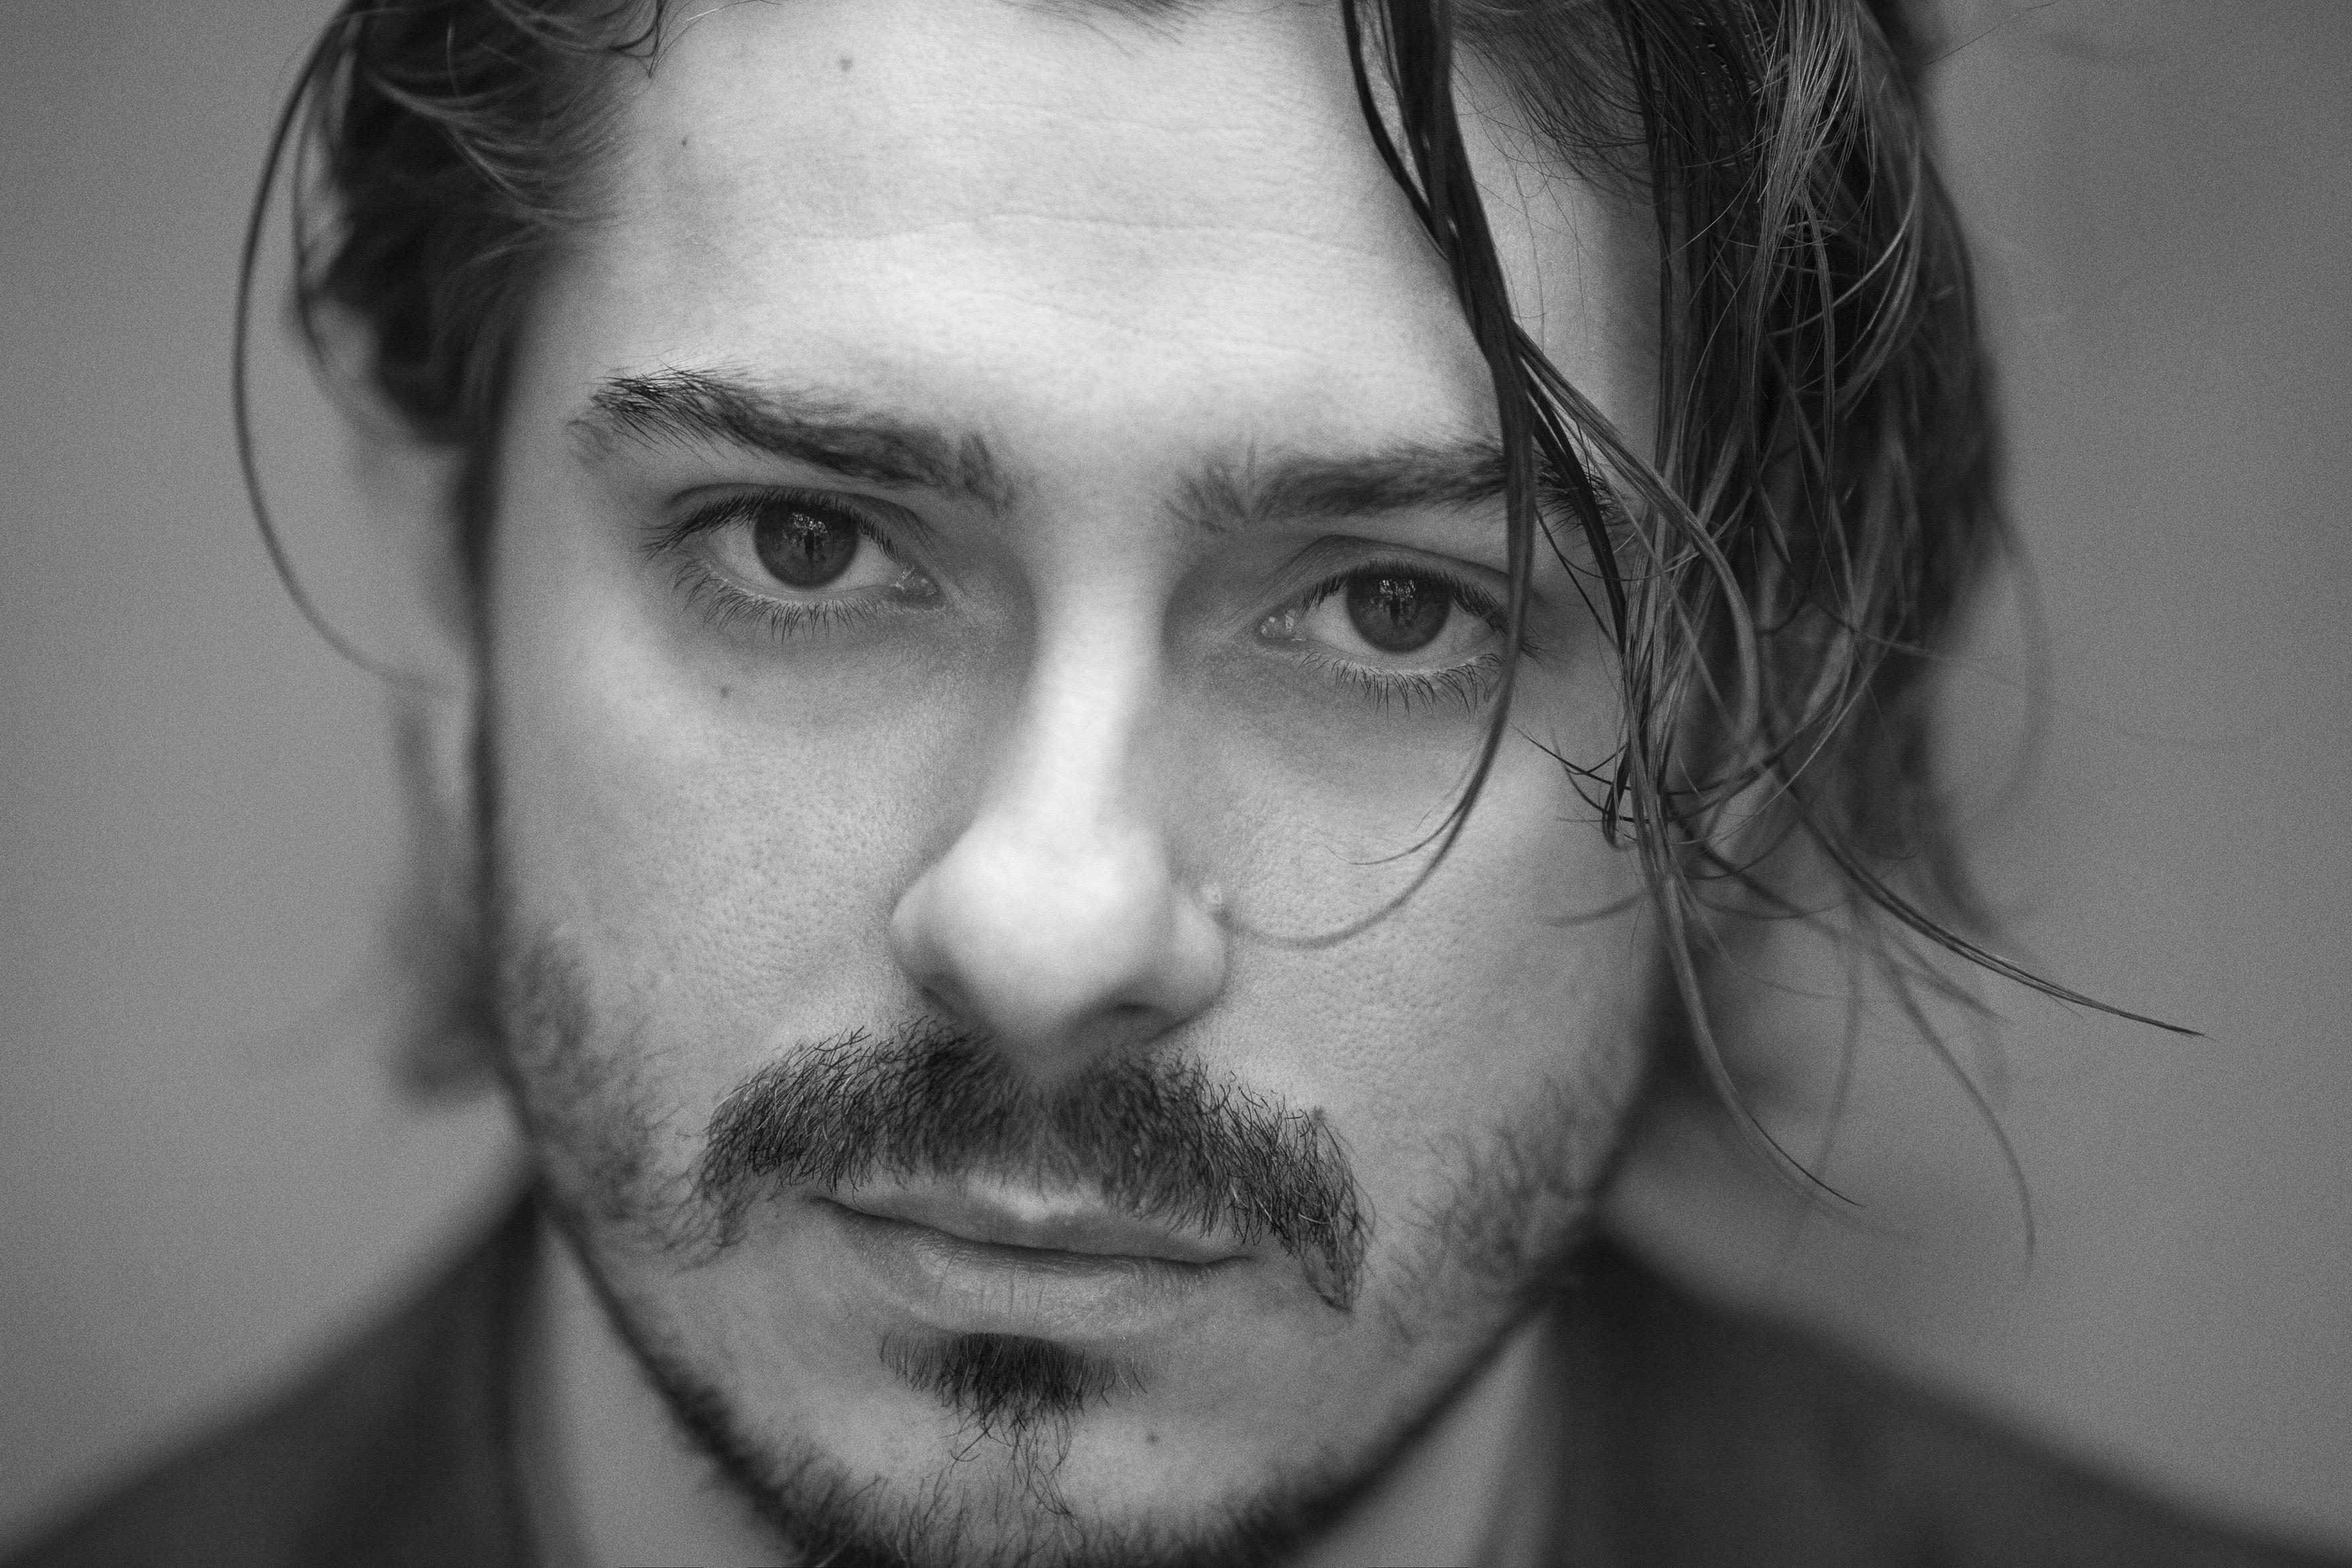 """Amici di Mondospettacolo, oggi sono in compagnia del bravissimo attore Jacopo Maria BICOCCHI , protagonista e primo nome del film """"Wax- We are the X"""" diretto da Lorenzo Corvino. Il […]"""